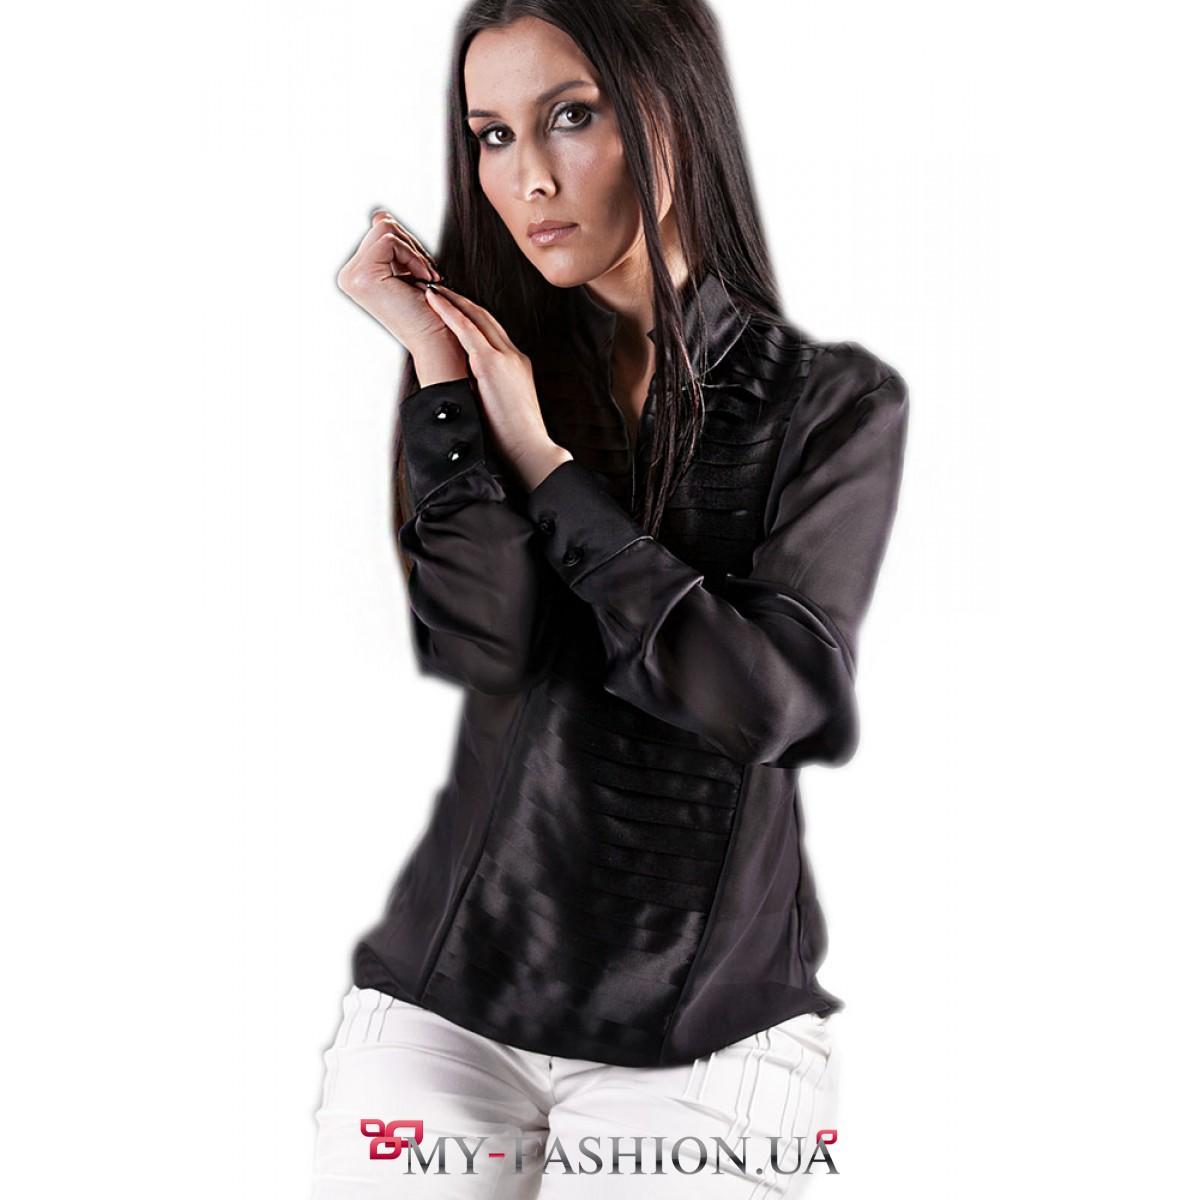 Белая блузка черная юбка доставка